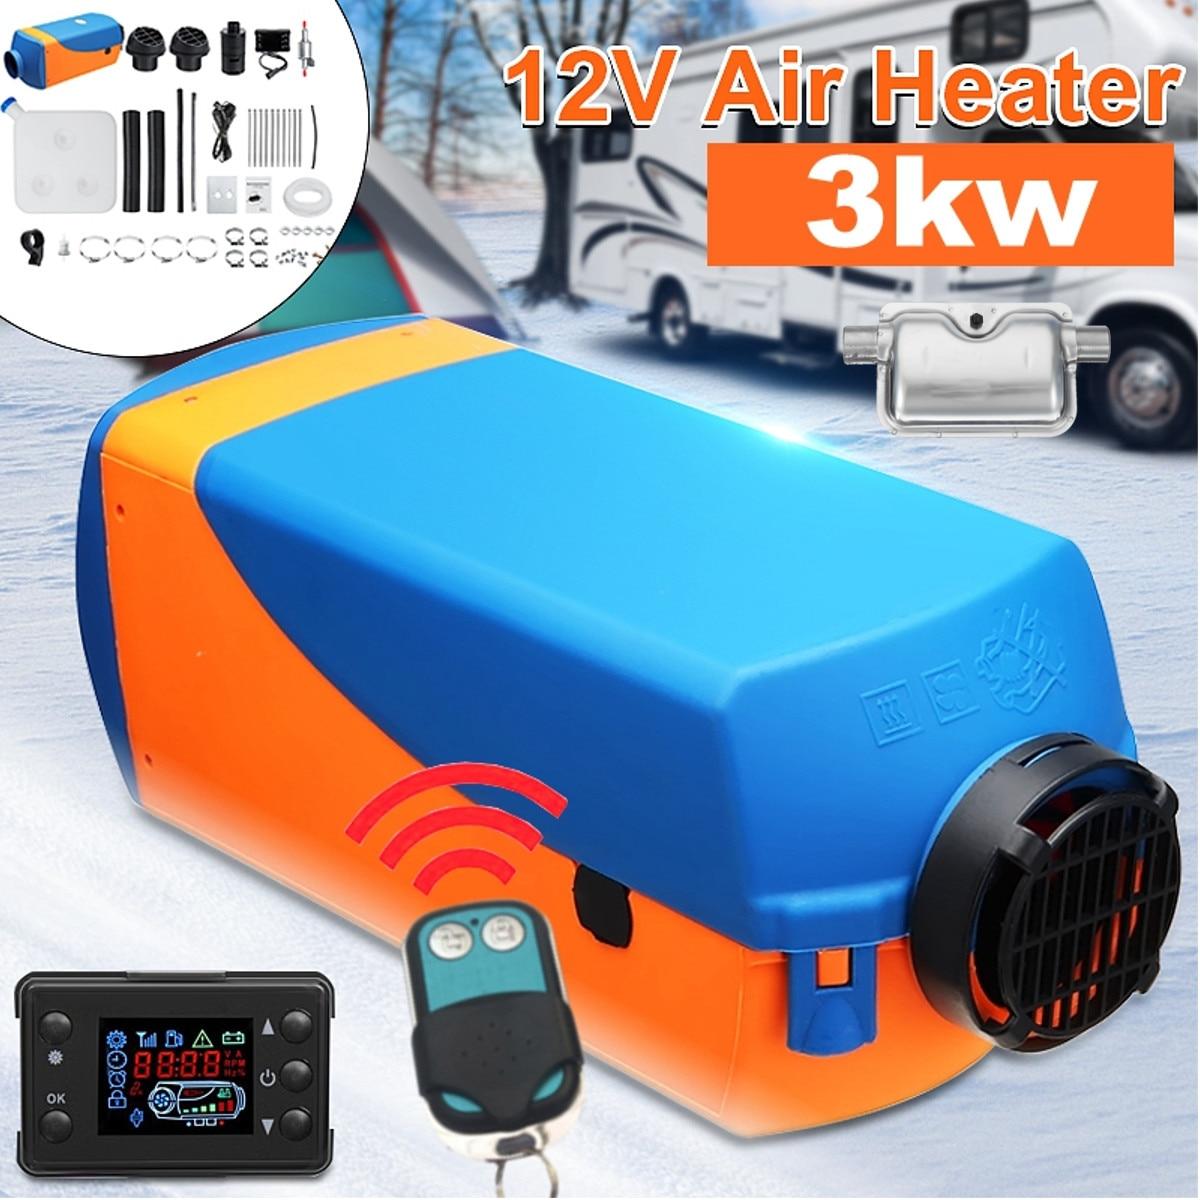 Livraison Silencieux 3KW 12 v Parking Chauffe-avec Télécommande pour LCD Interrupteur Machine De Chauffage Camping Accueil Bus De Voiture Camion